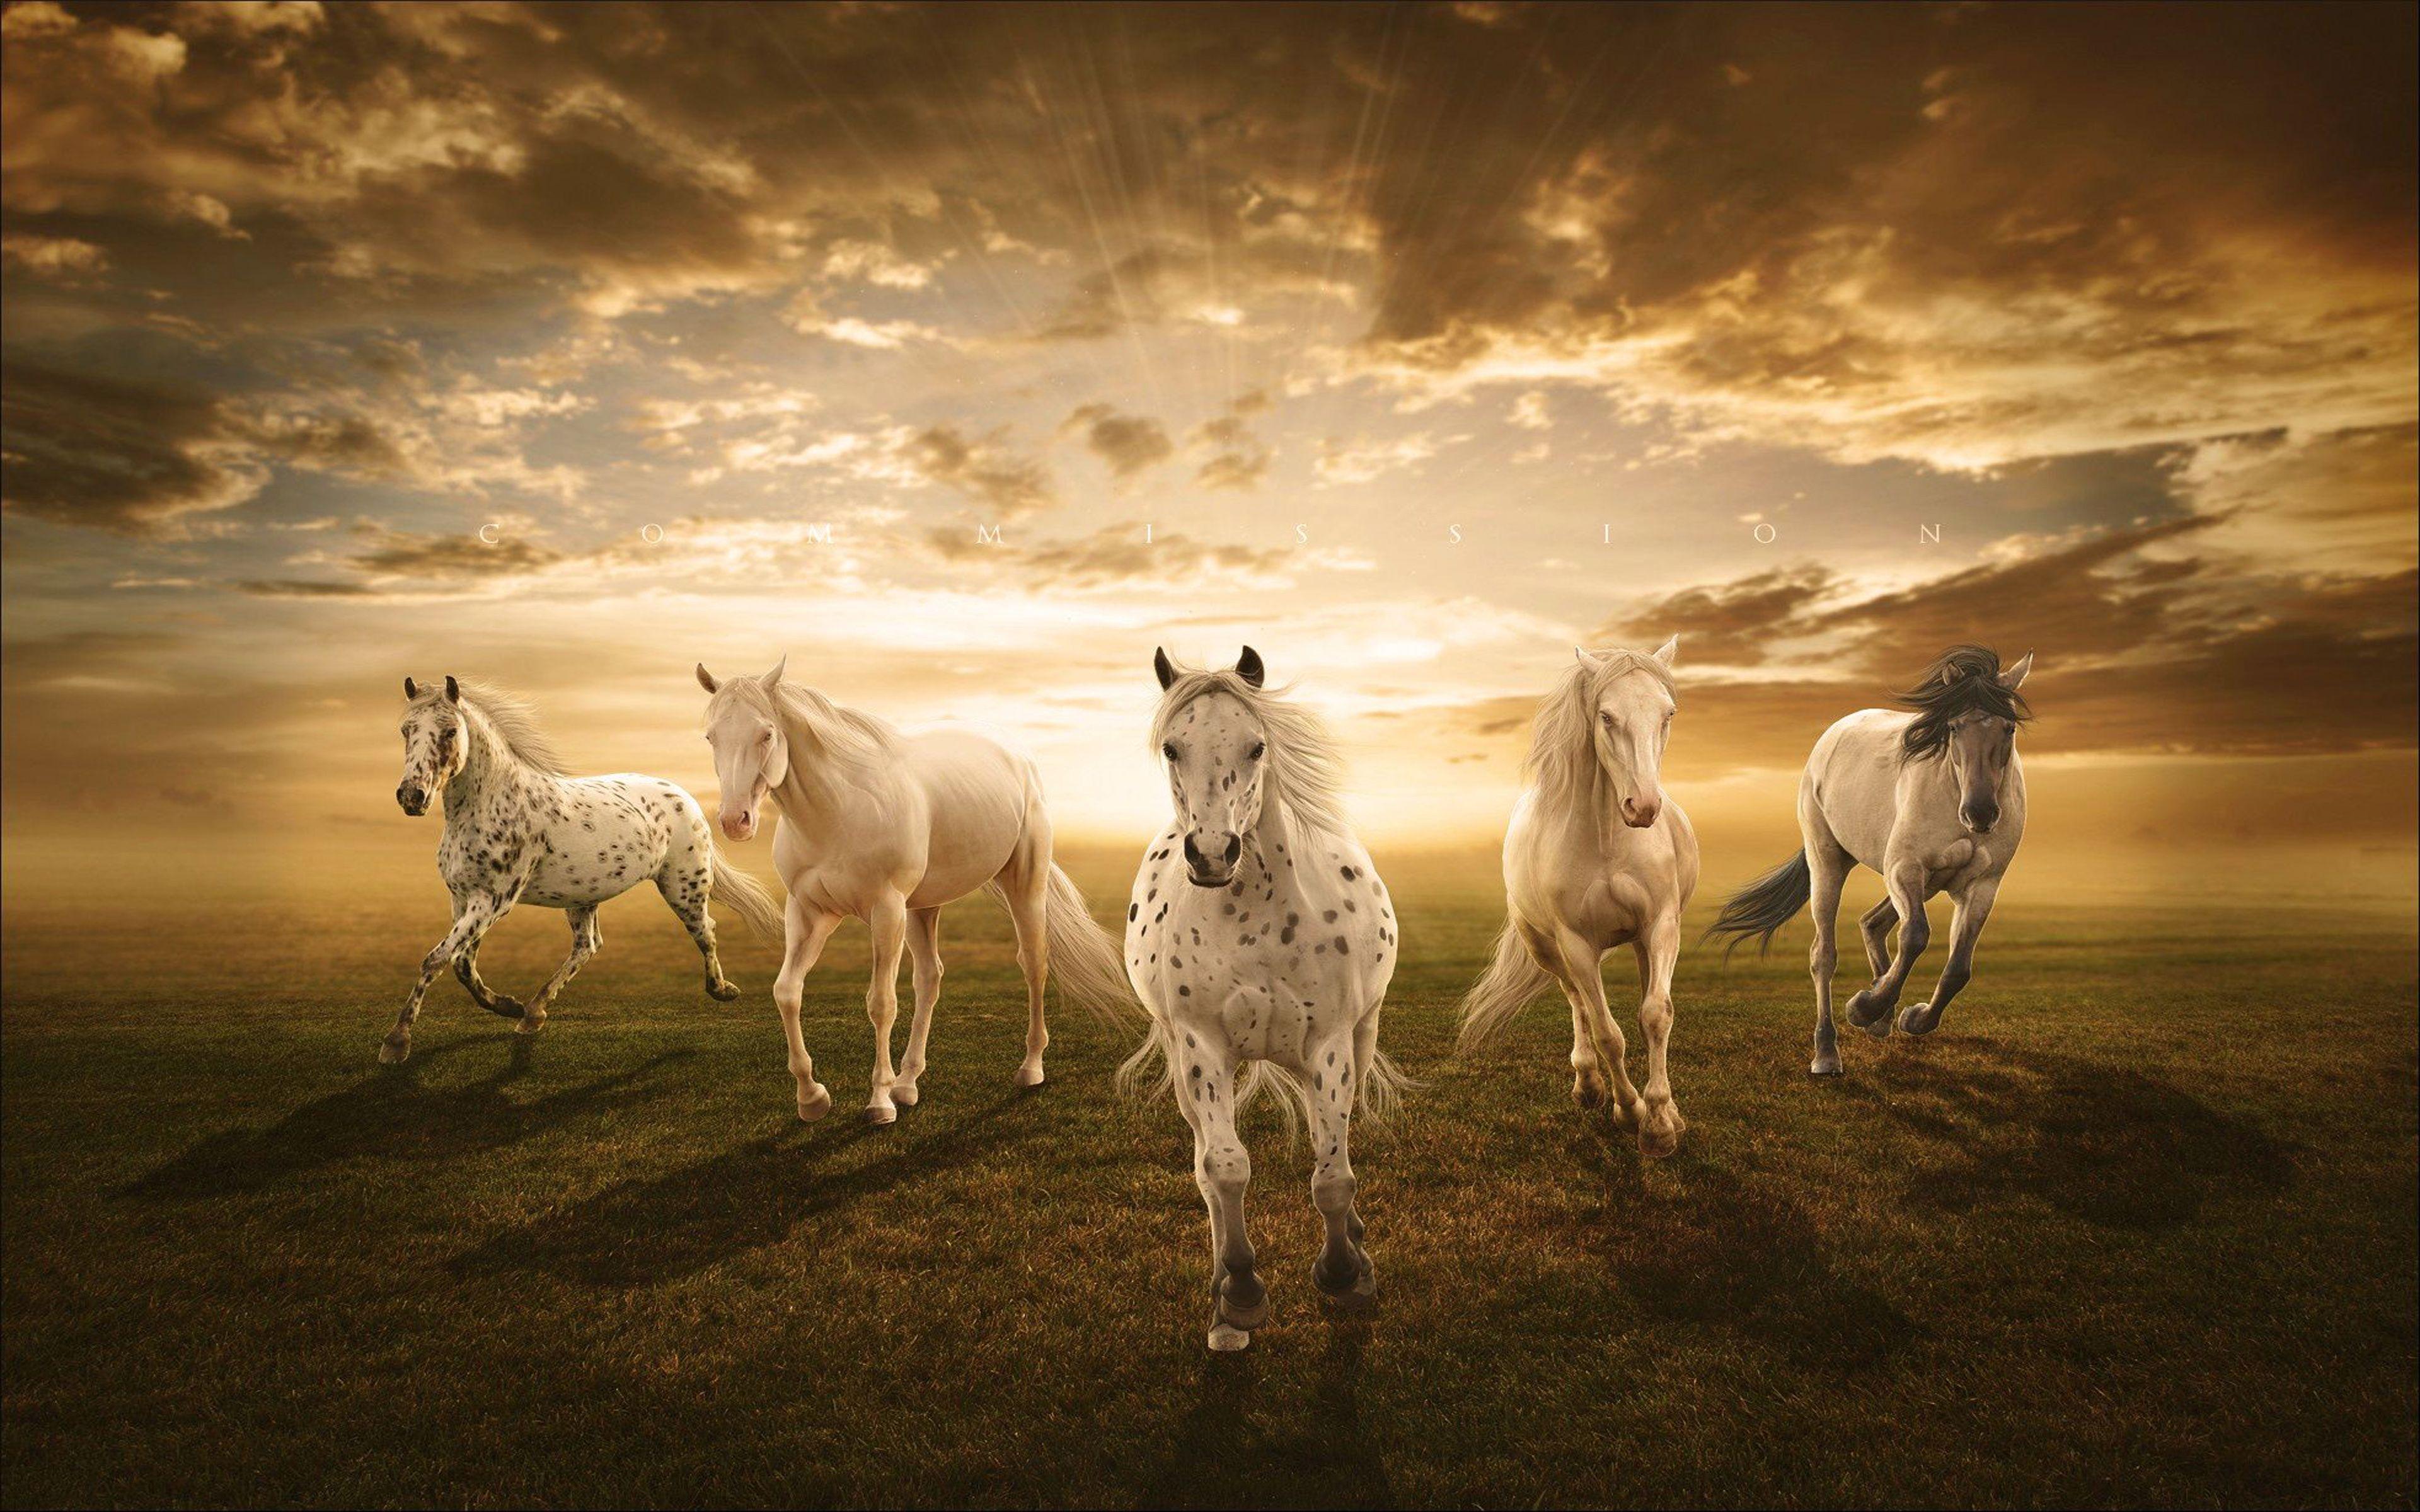 horse wallpaper hd | White Horses Desktop Background : Wallpapers13.com | Horse wallpaper ...